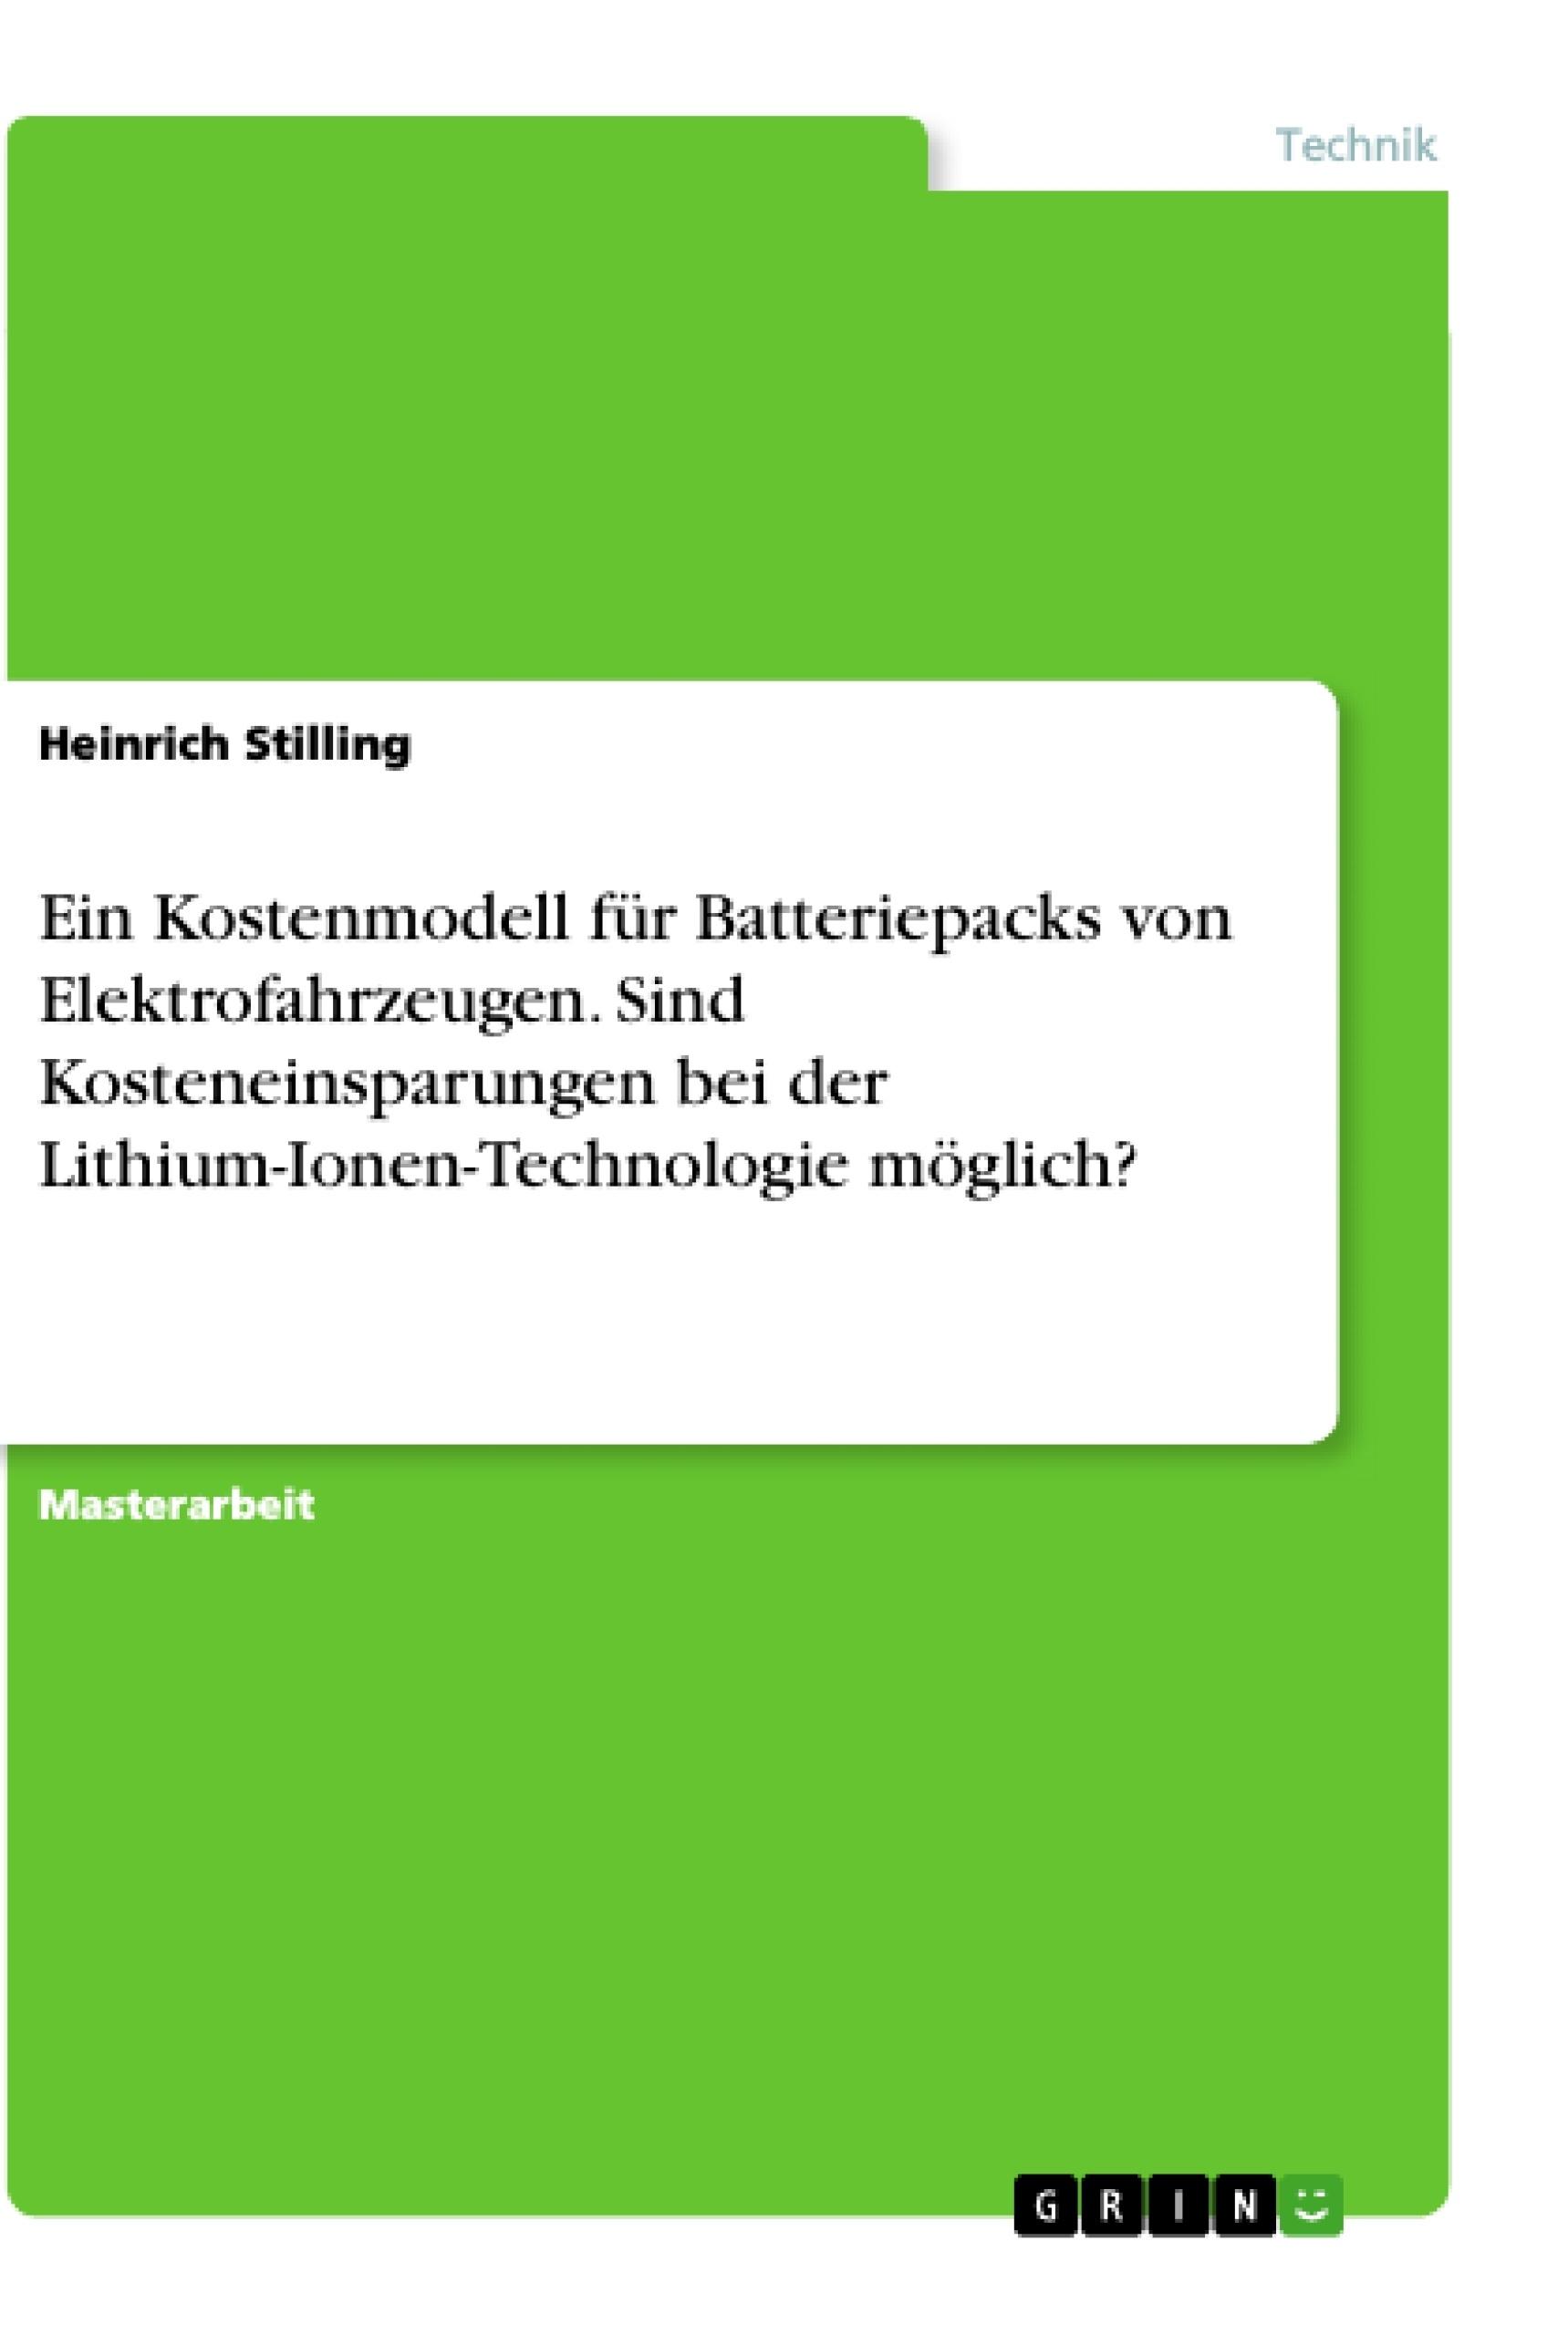 Titel: Ein Kostenmodell für Batteriepacks von Elektrofahrzeugen. Sind Kosteneinsparungen bei der Lithium-Ionen-Technologie möglich?